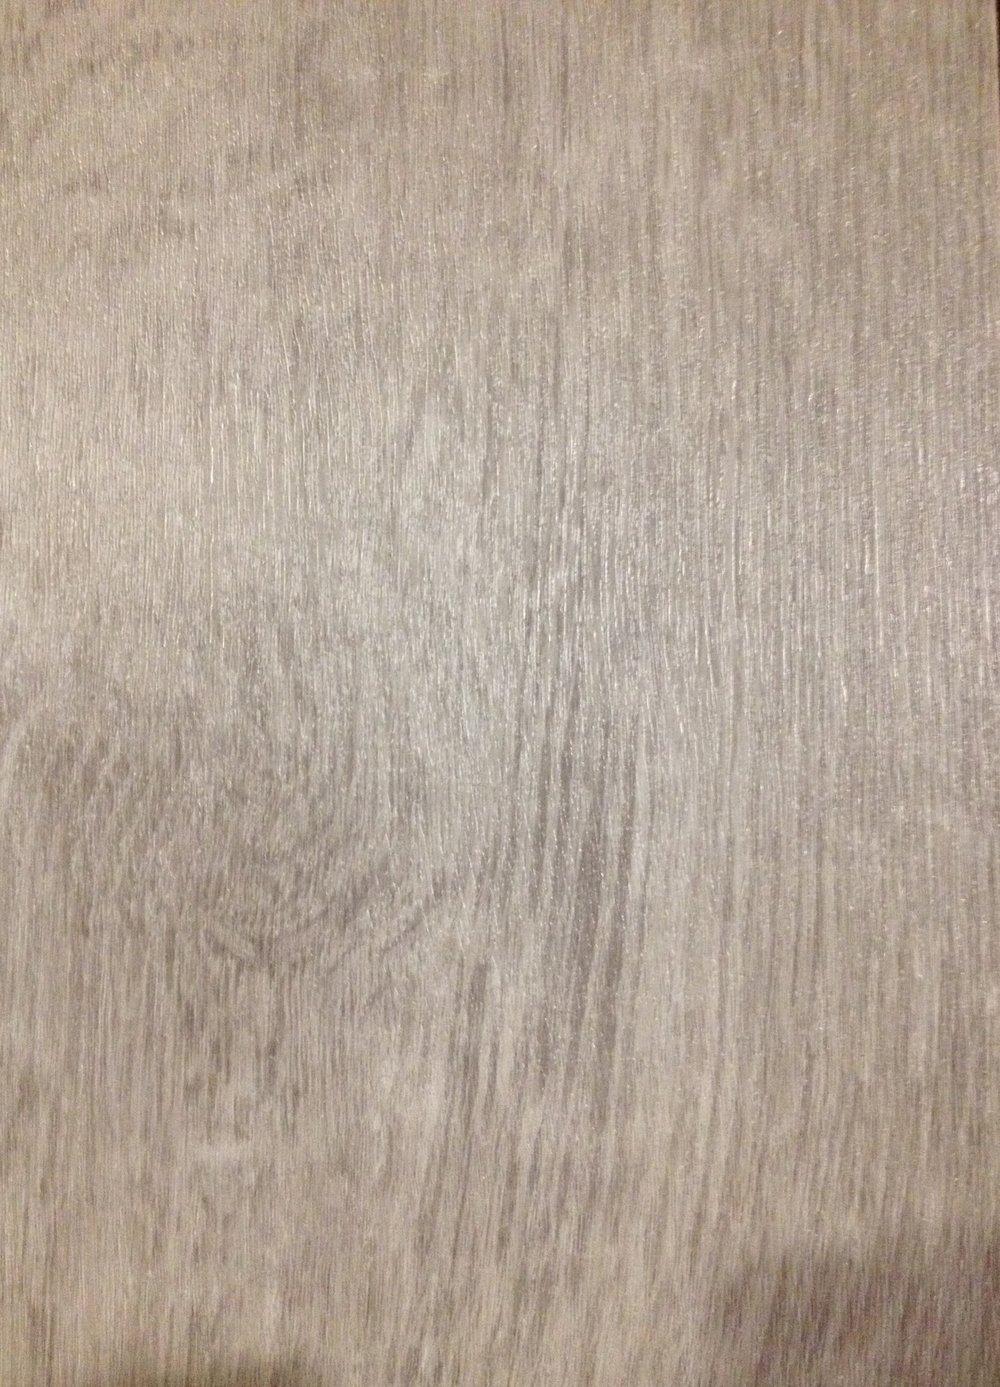 American Luxury-D-Heritage Oak